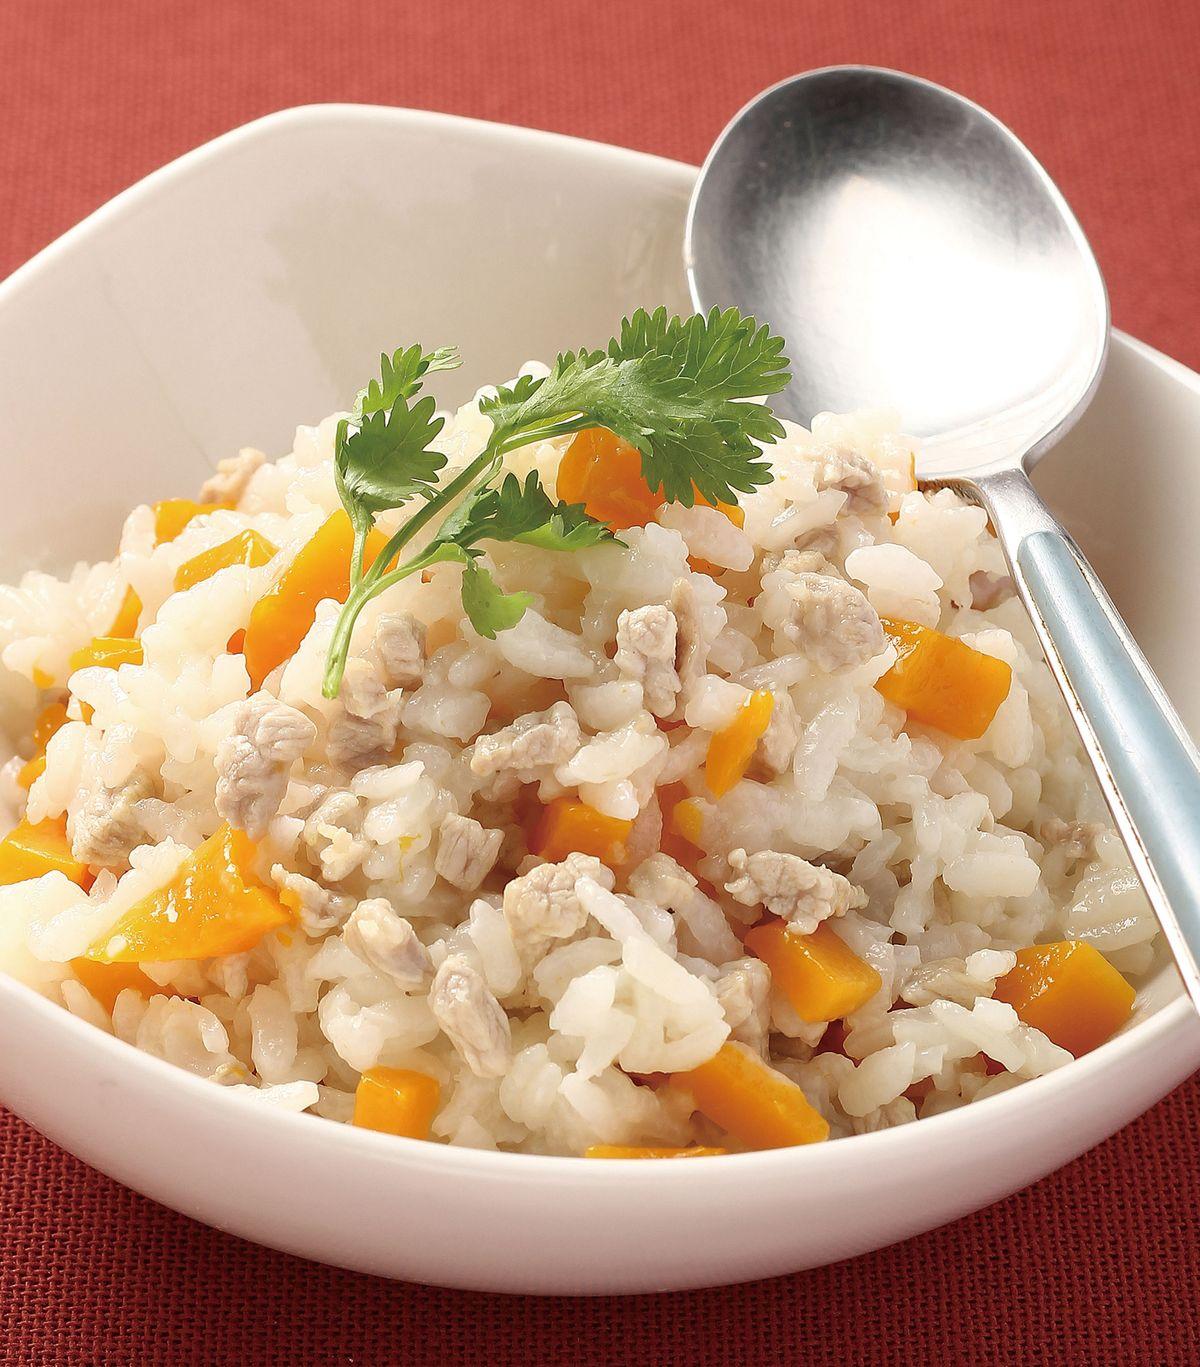 食譜:南瓜肉丁燉飯